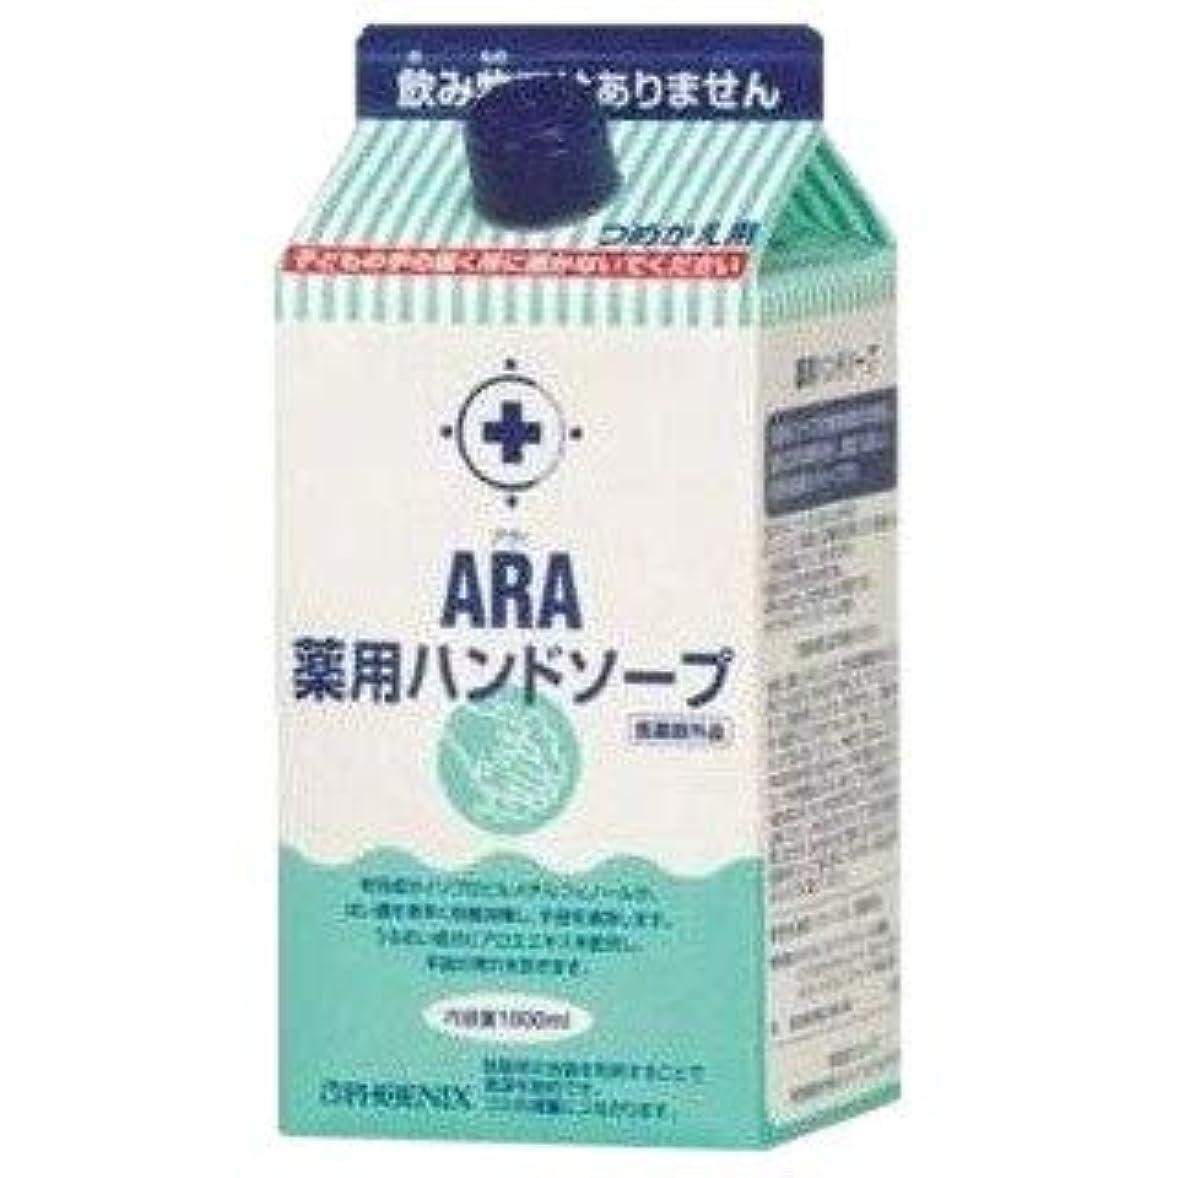 努力する悔い改め証言ARA 薬用ハンドソープ(詰め替え用) 1000ml×12入